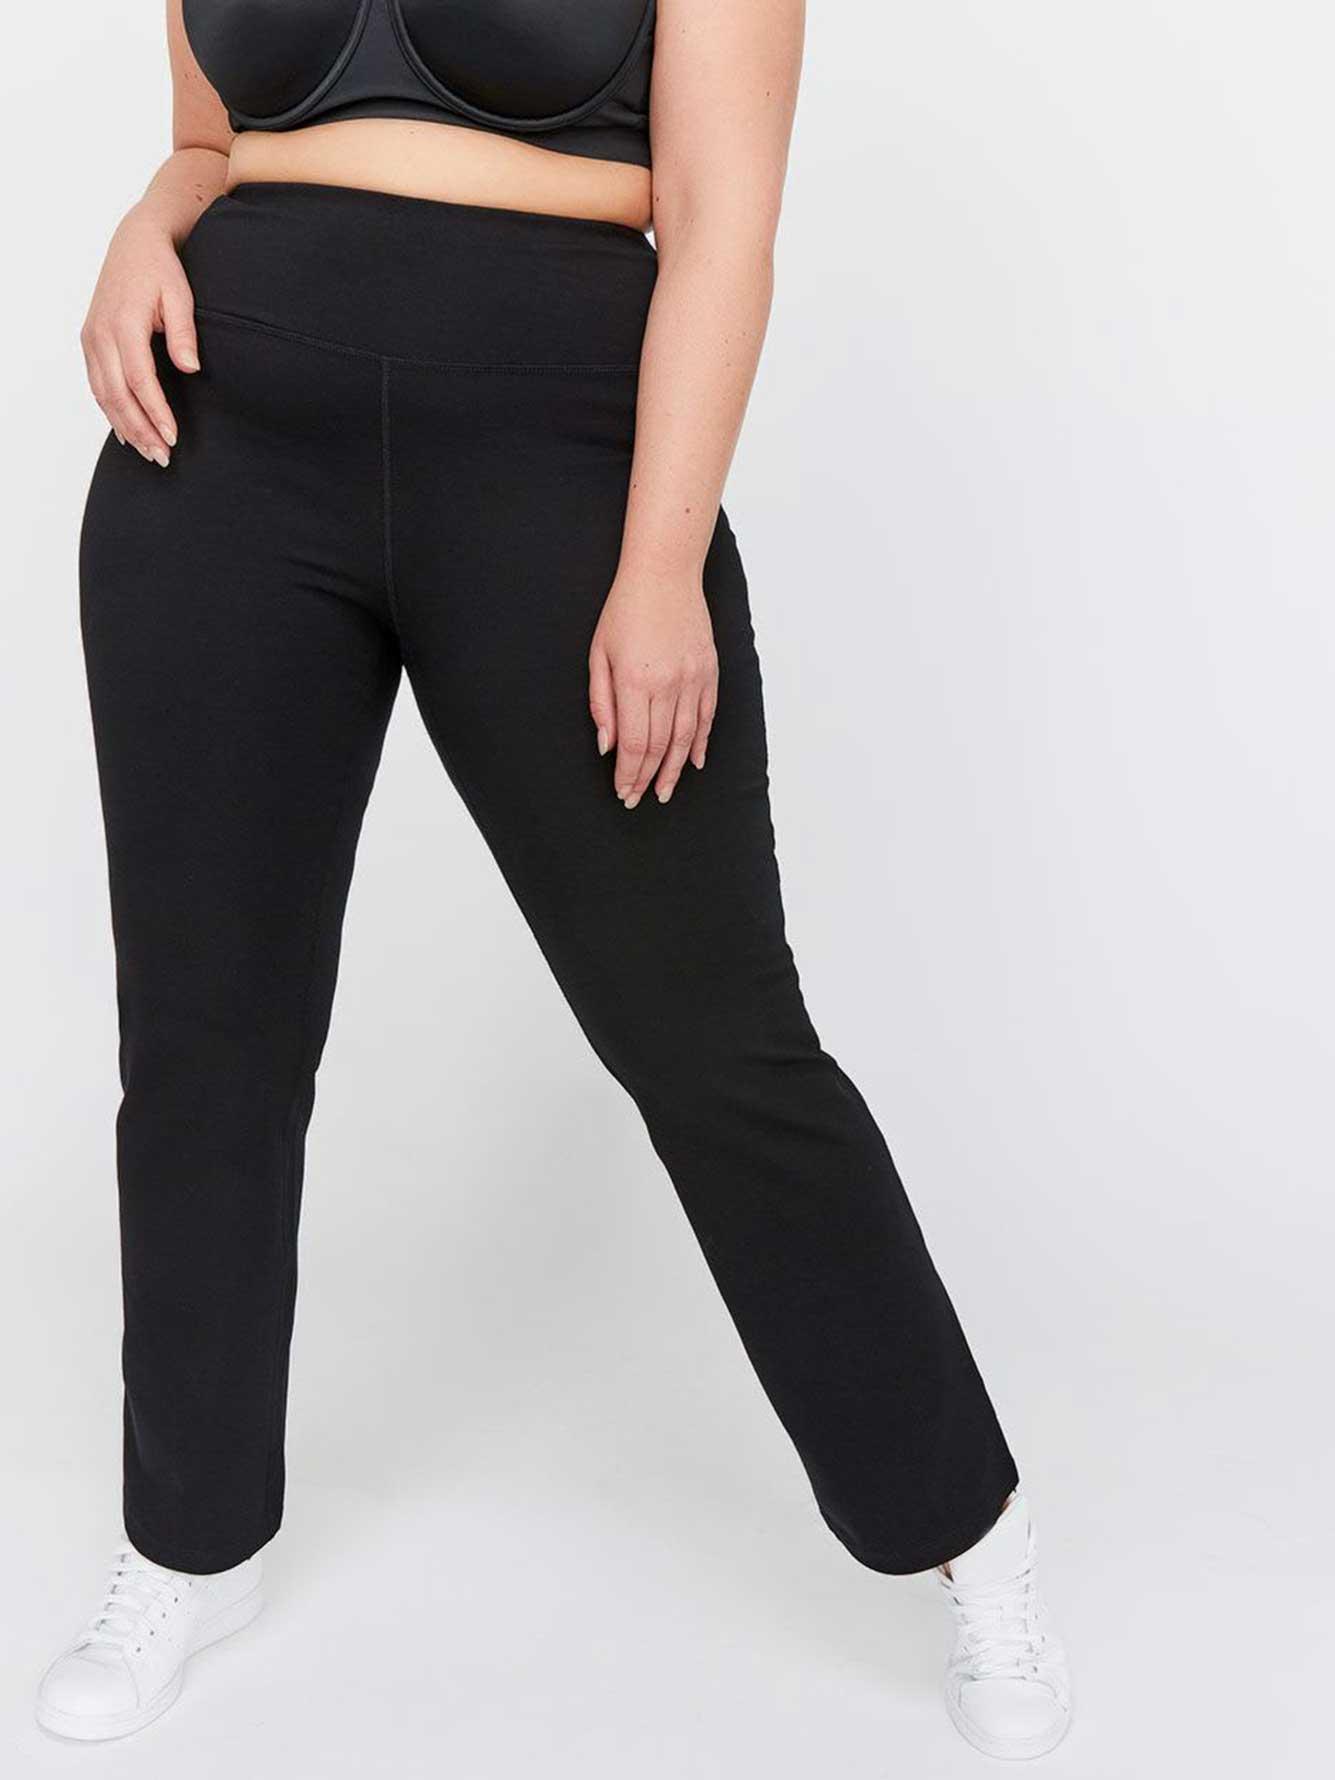 31d051c5865ee Nola Petite Yoga Pants | Addition Elle